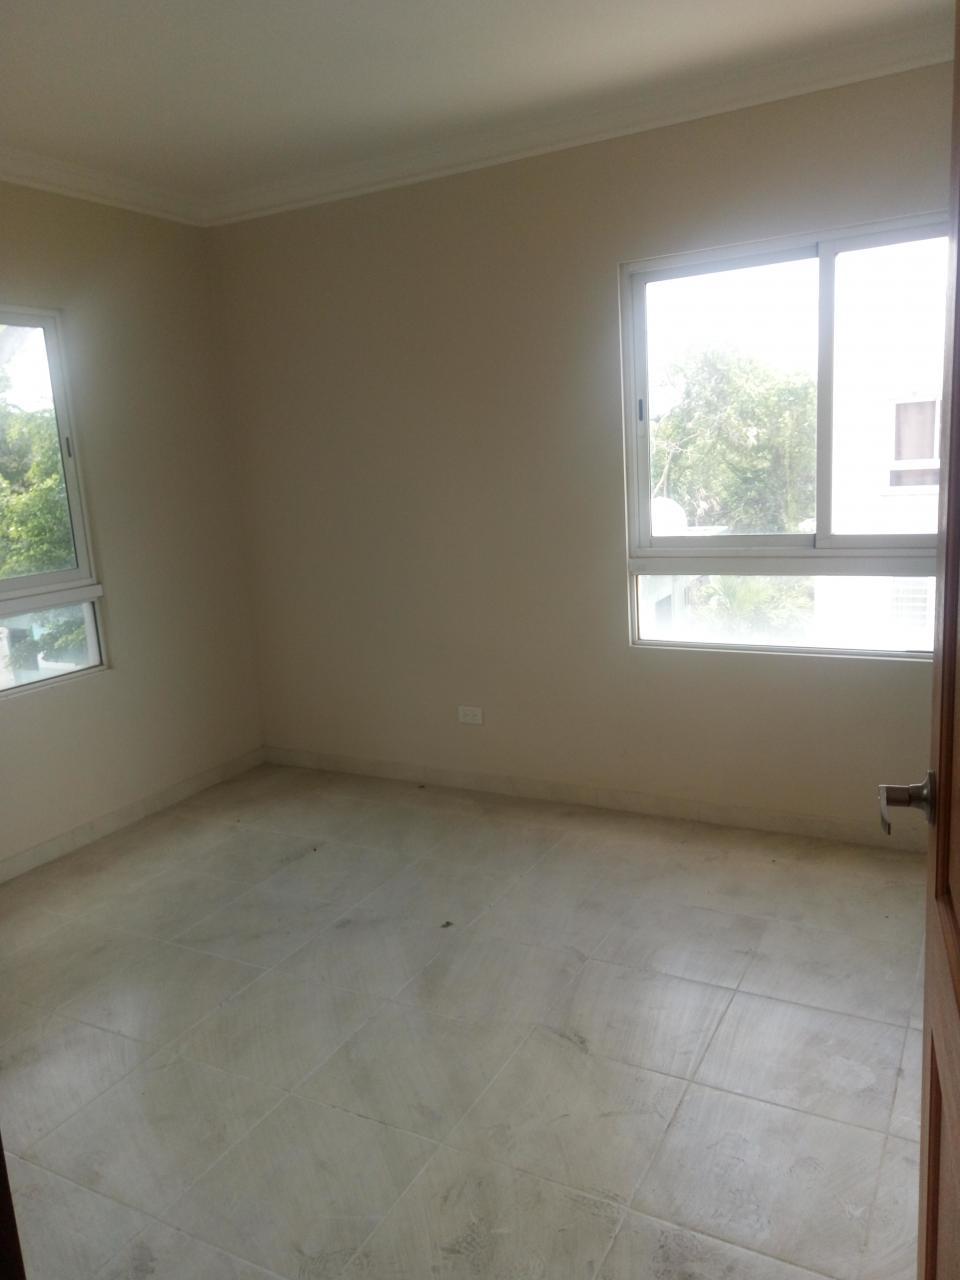 Penthouse en venta en el sector ALTOS DE ARROYO HONDO precio RD$ 3,500,000.00 RD$3,500,000